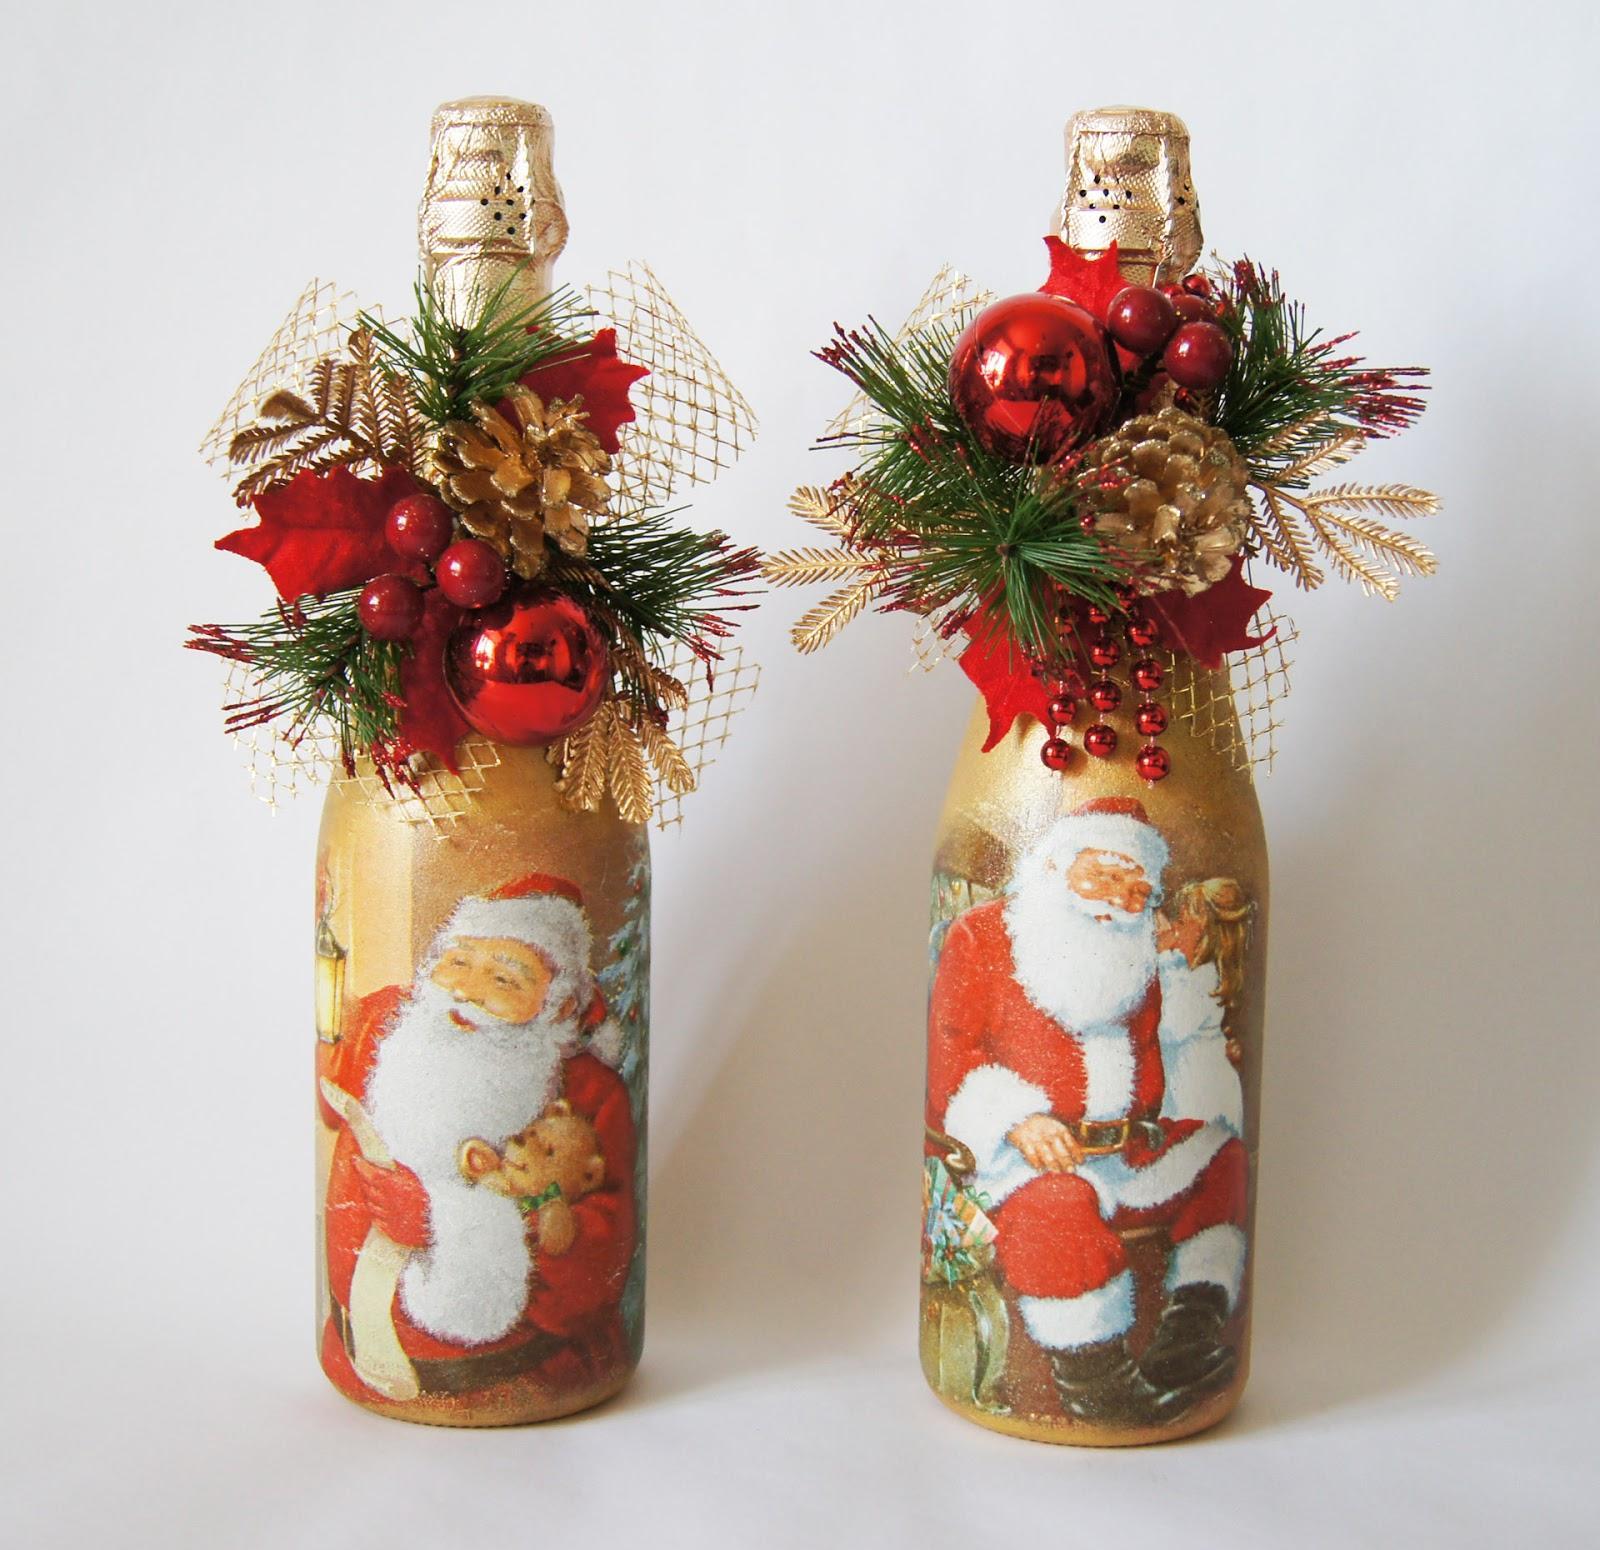 Яркий декор бутылок на Новый год